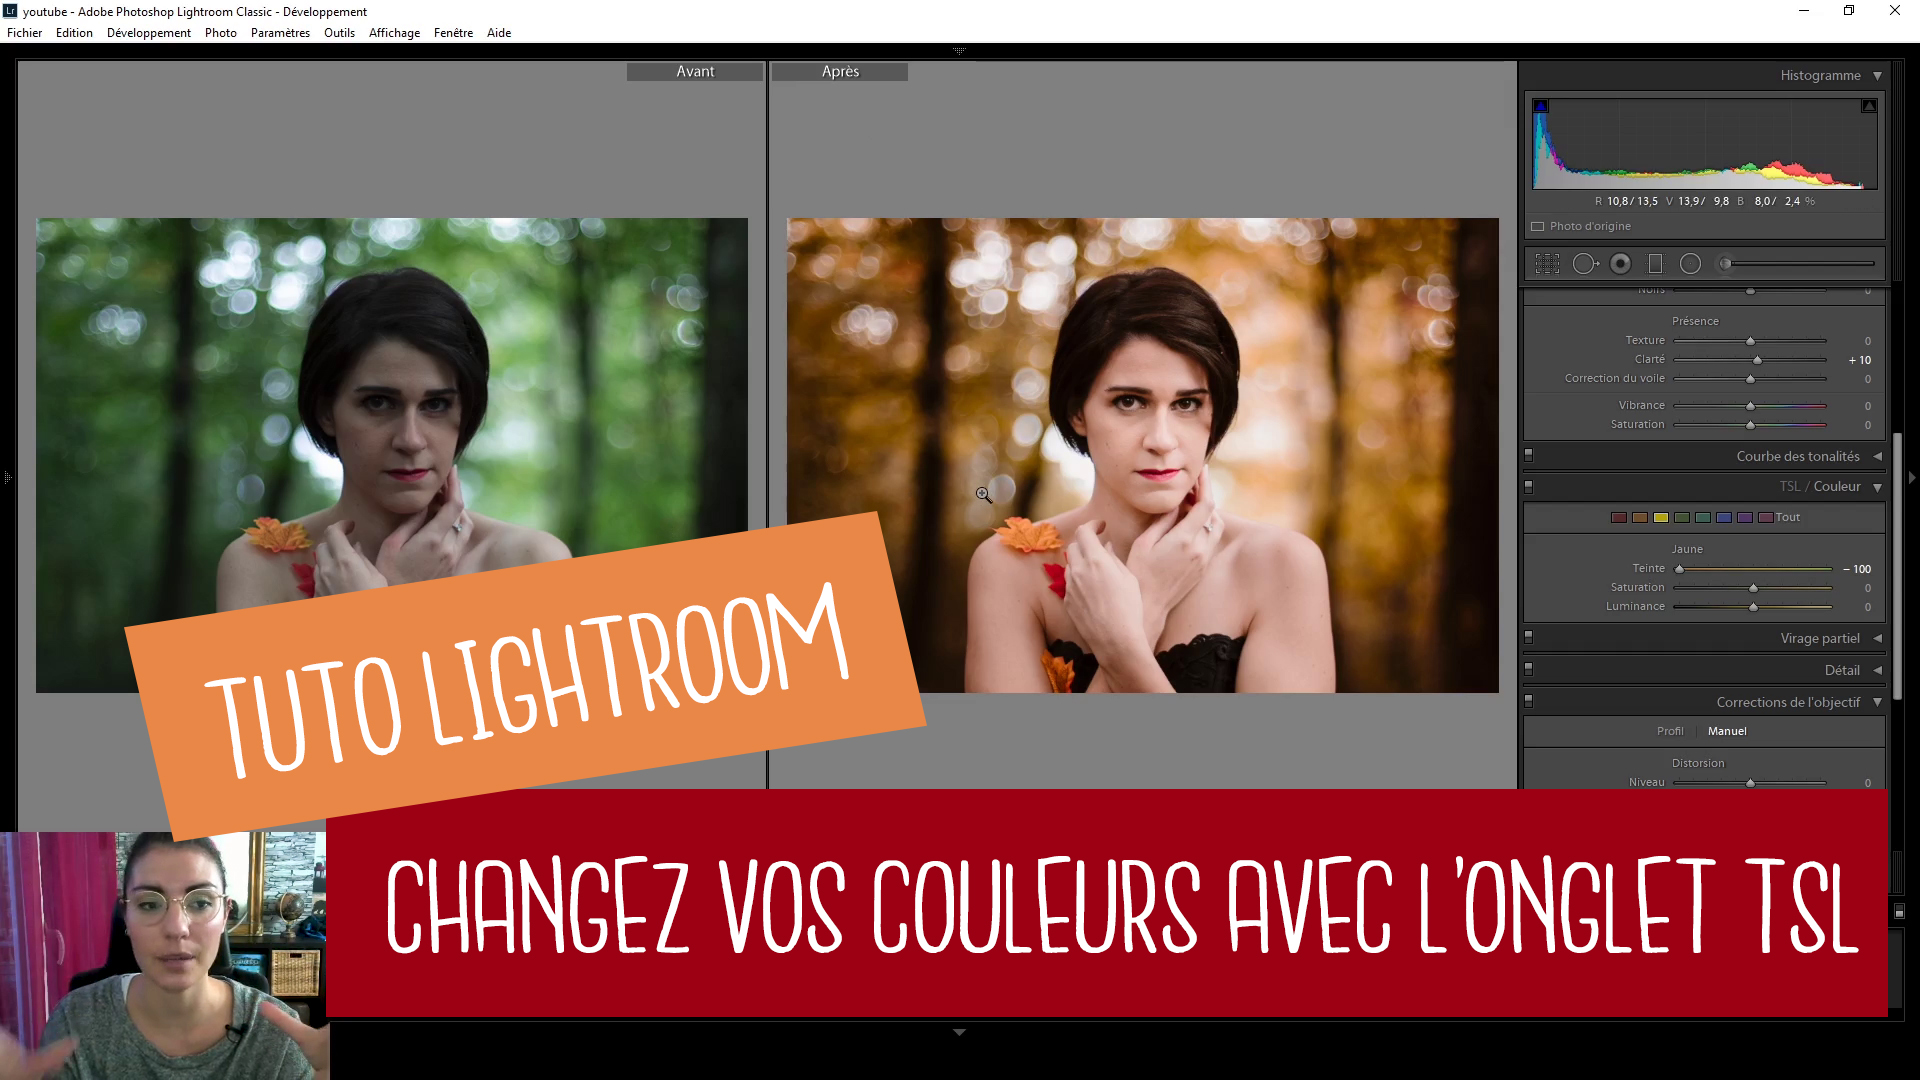 Comment changer vos couleurs grâce à l'onglet TSL : TUTO LIGHTROOM